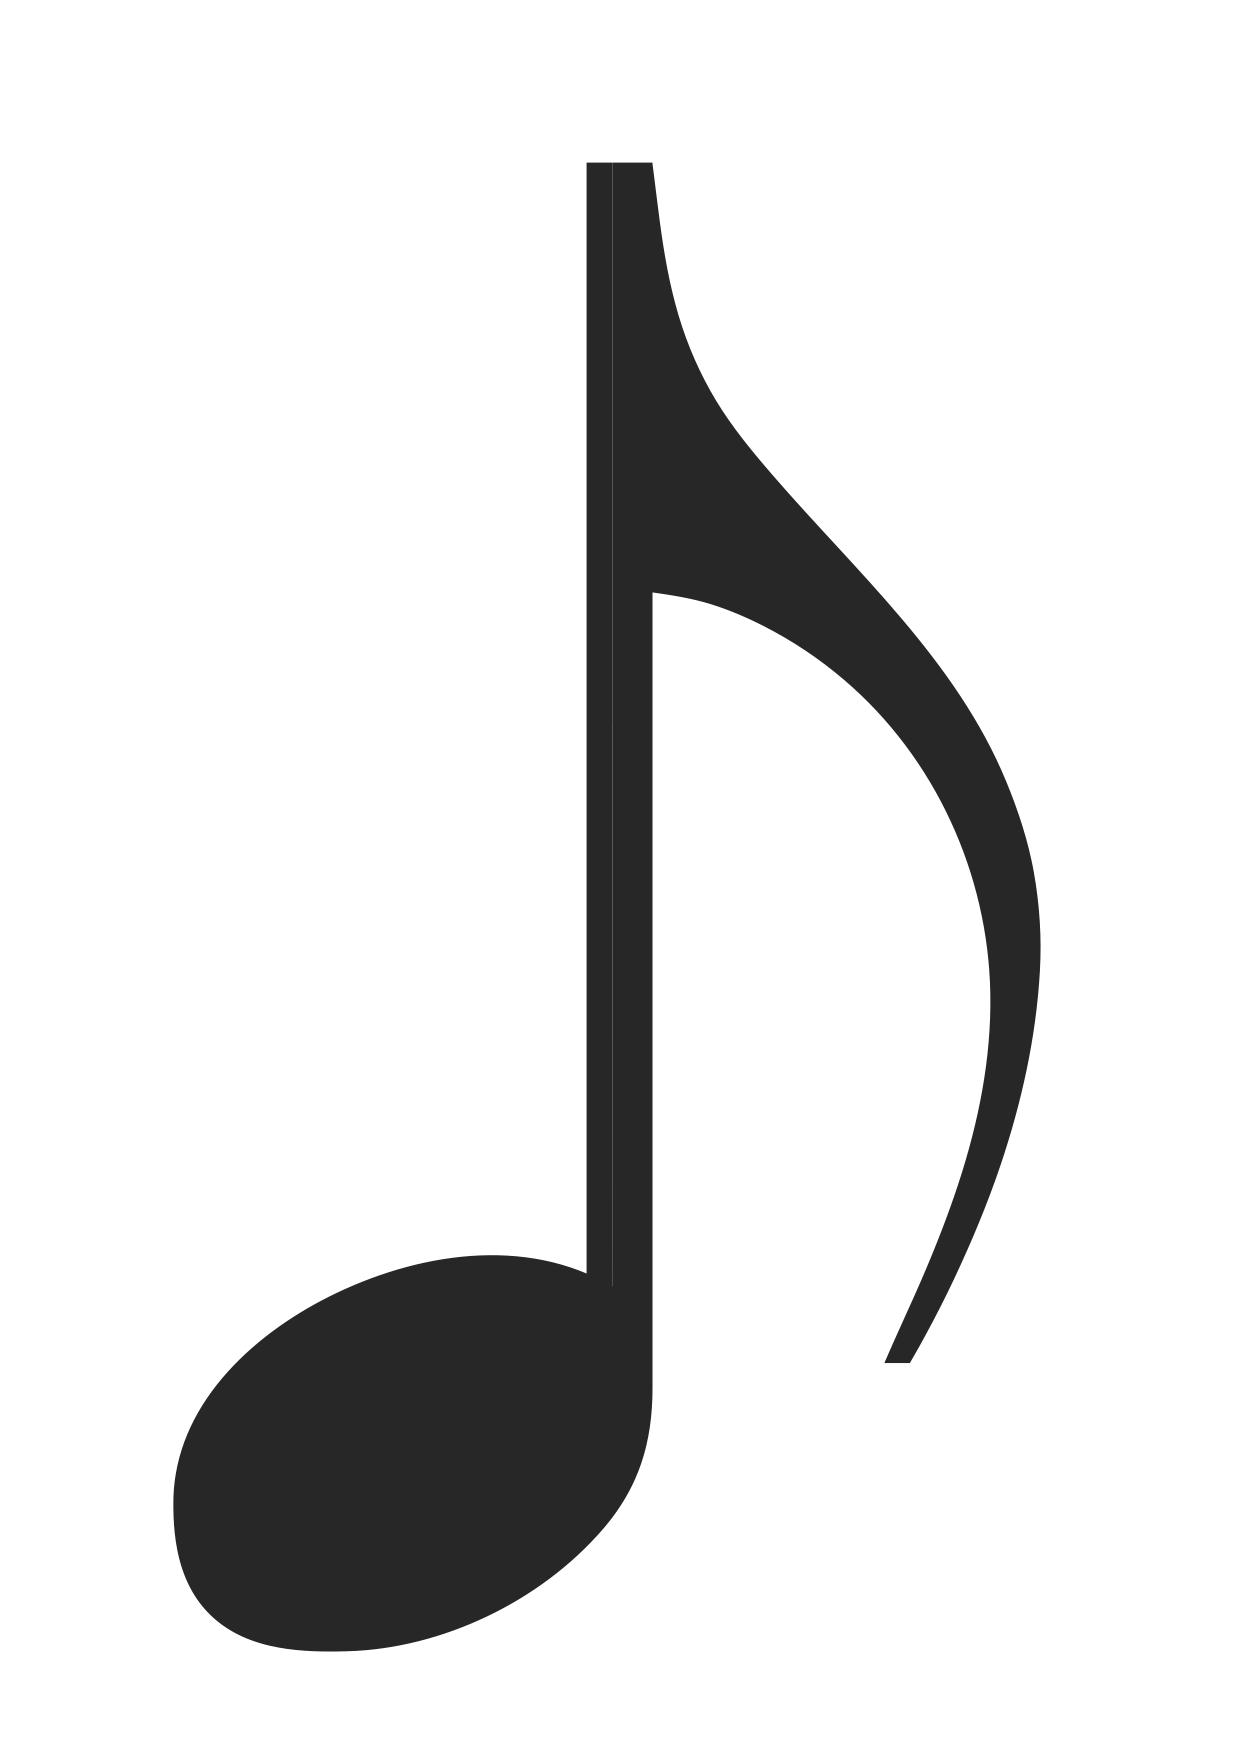 Symbole De La Croche En Musique En Pvc Lavable Peut S Jeux